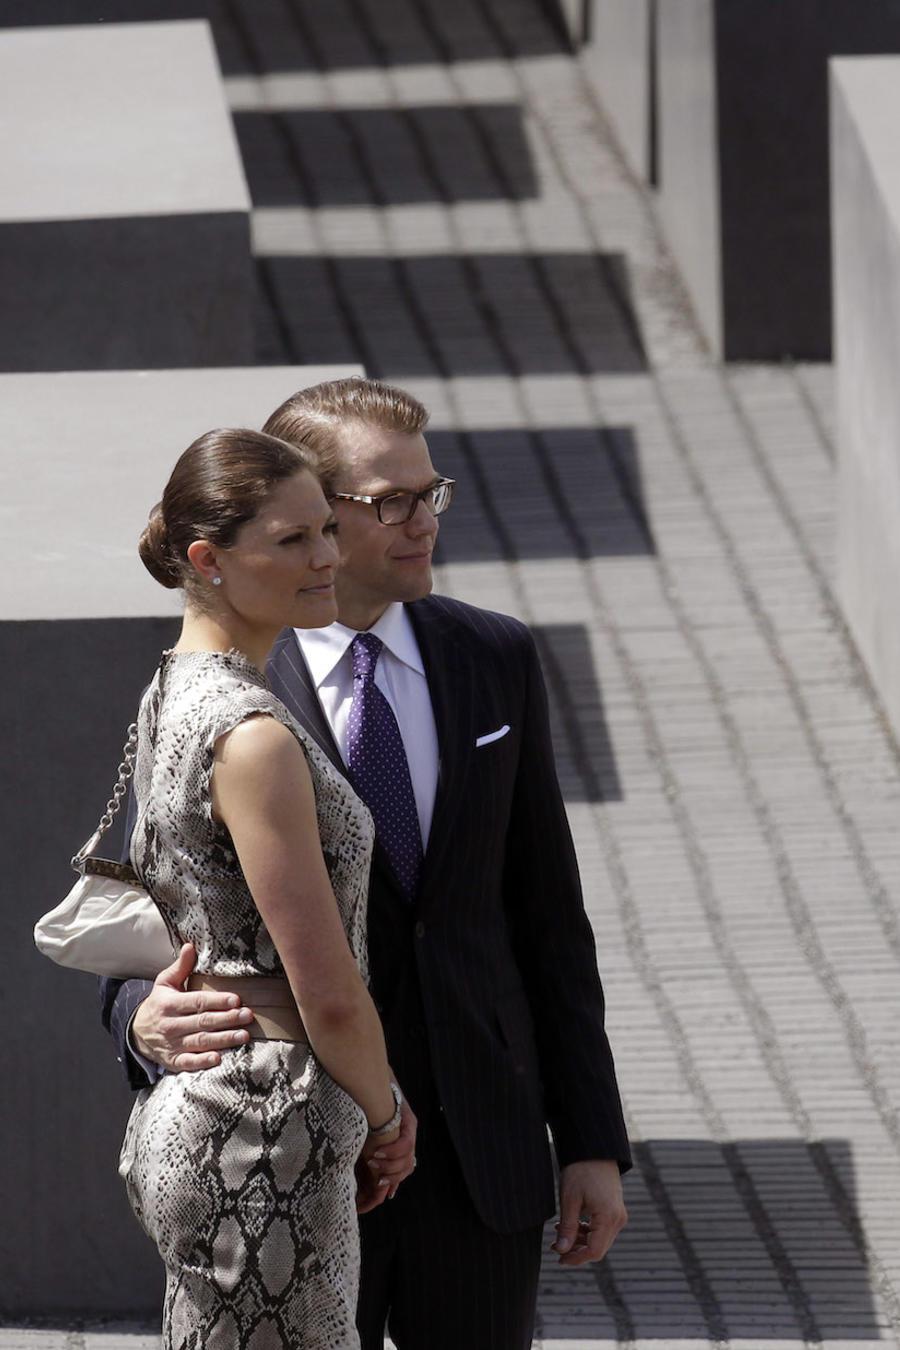 La princesa Victoria, junto a su marido durante una visita a Alemania en 2011.